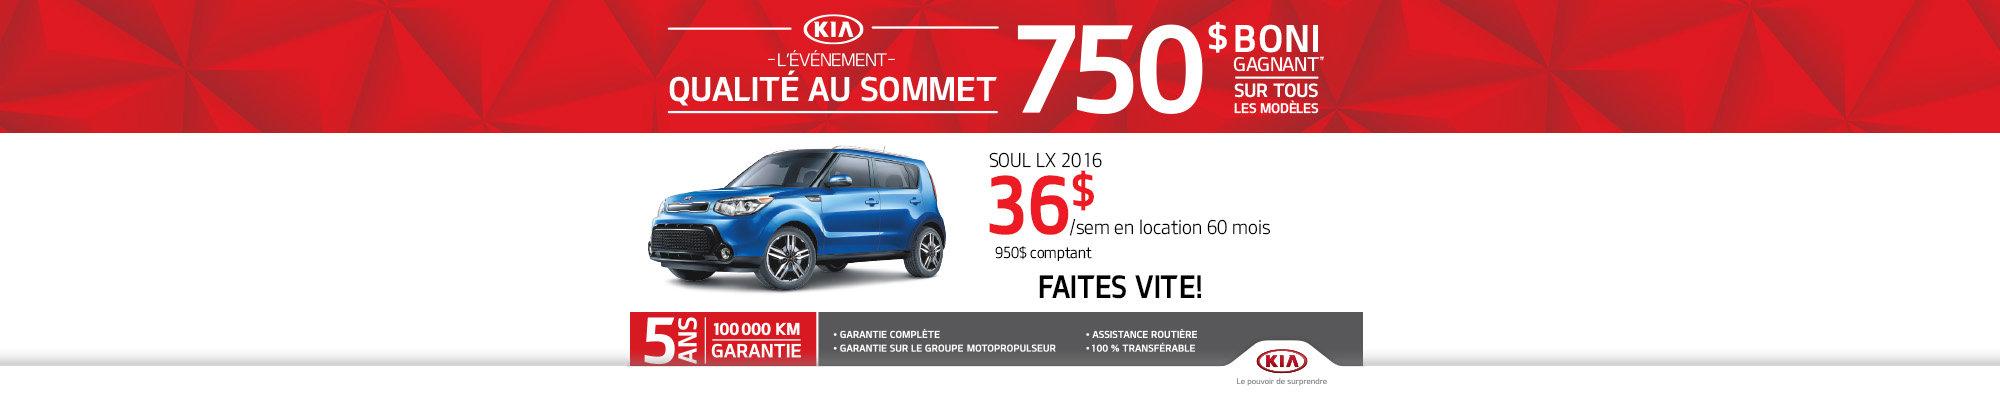 Événement qualité au sommet: Kia Soul SX 2016